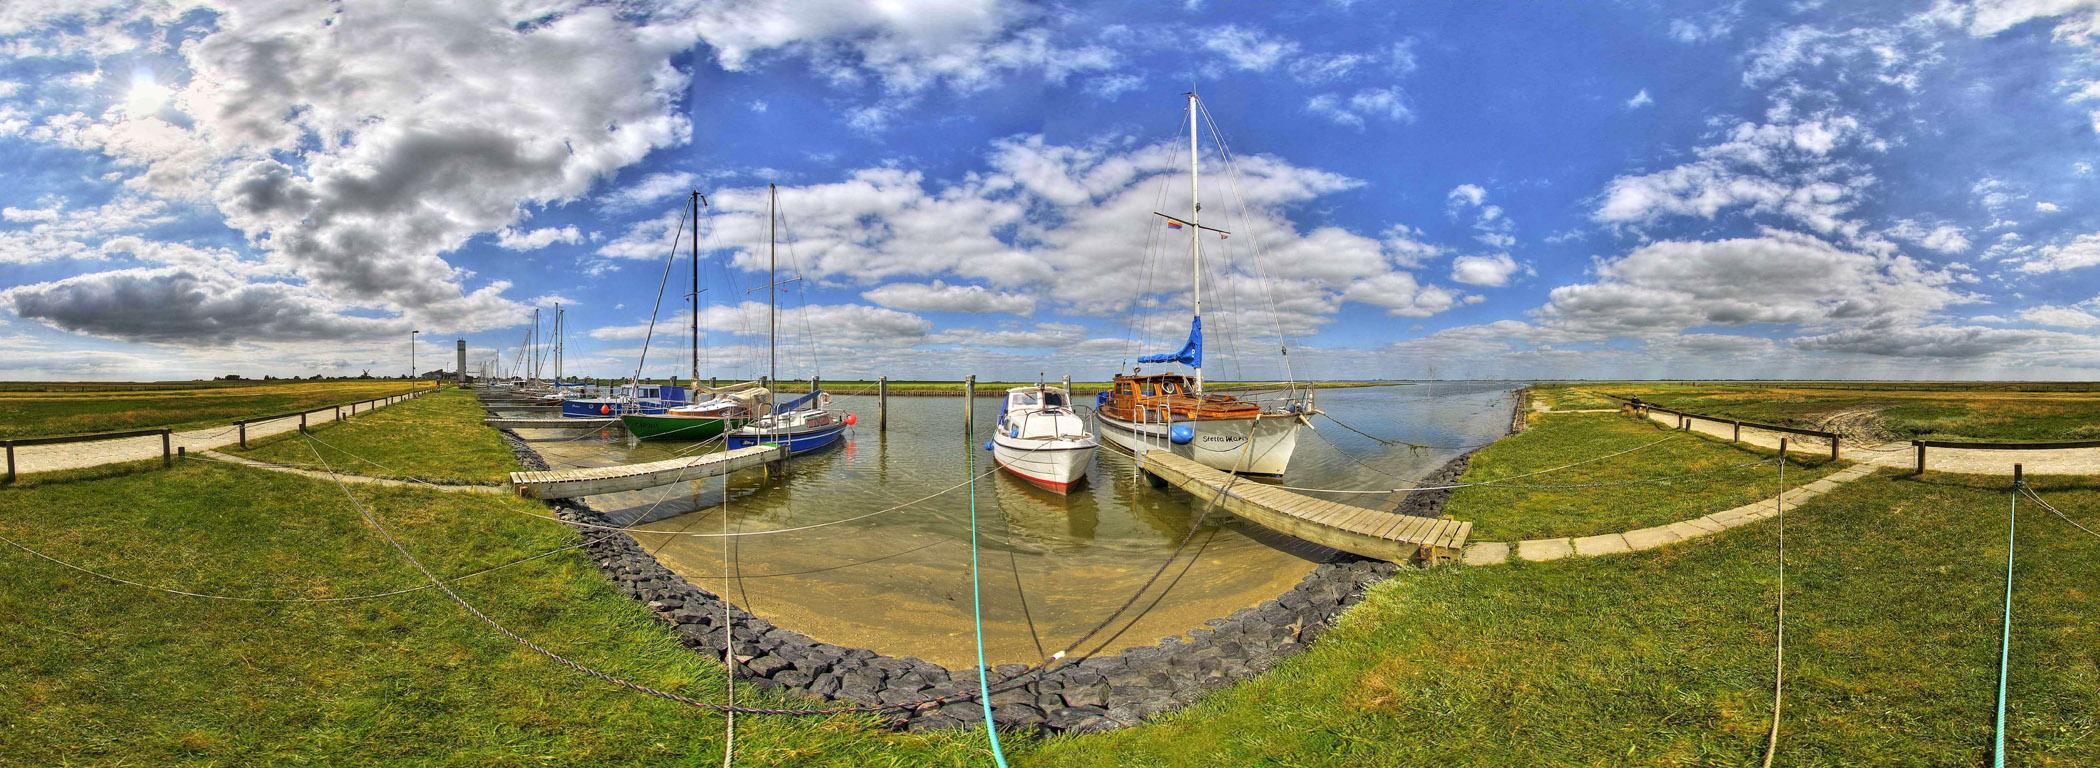 panorama-photo-bord-de-mer